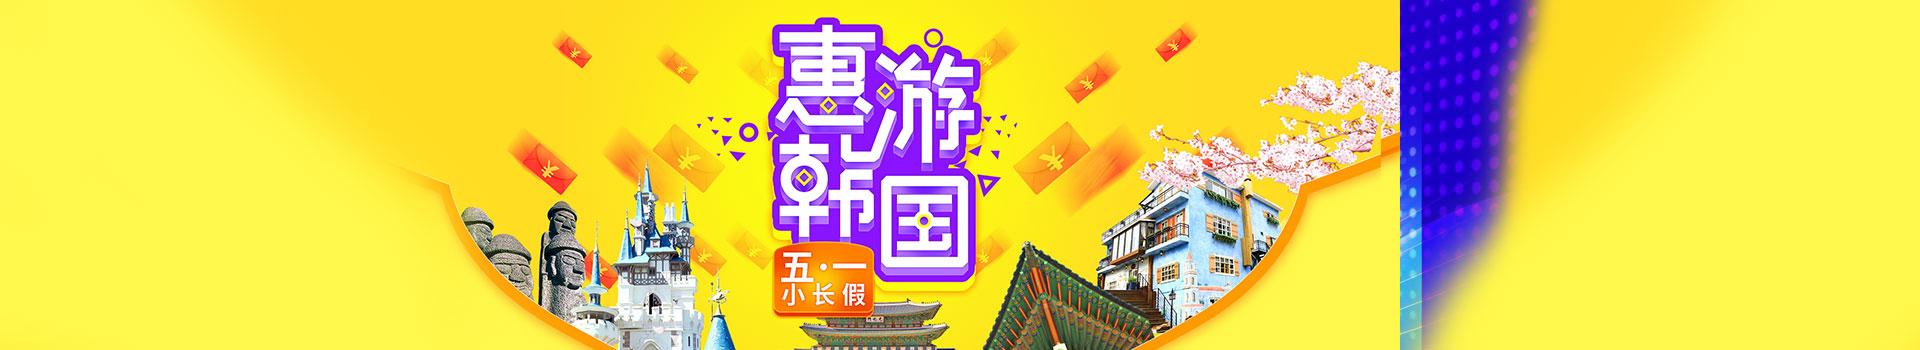 惠游韩国五一小长假韩国门票优惠深度游